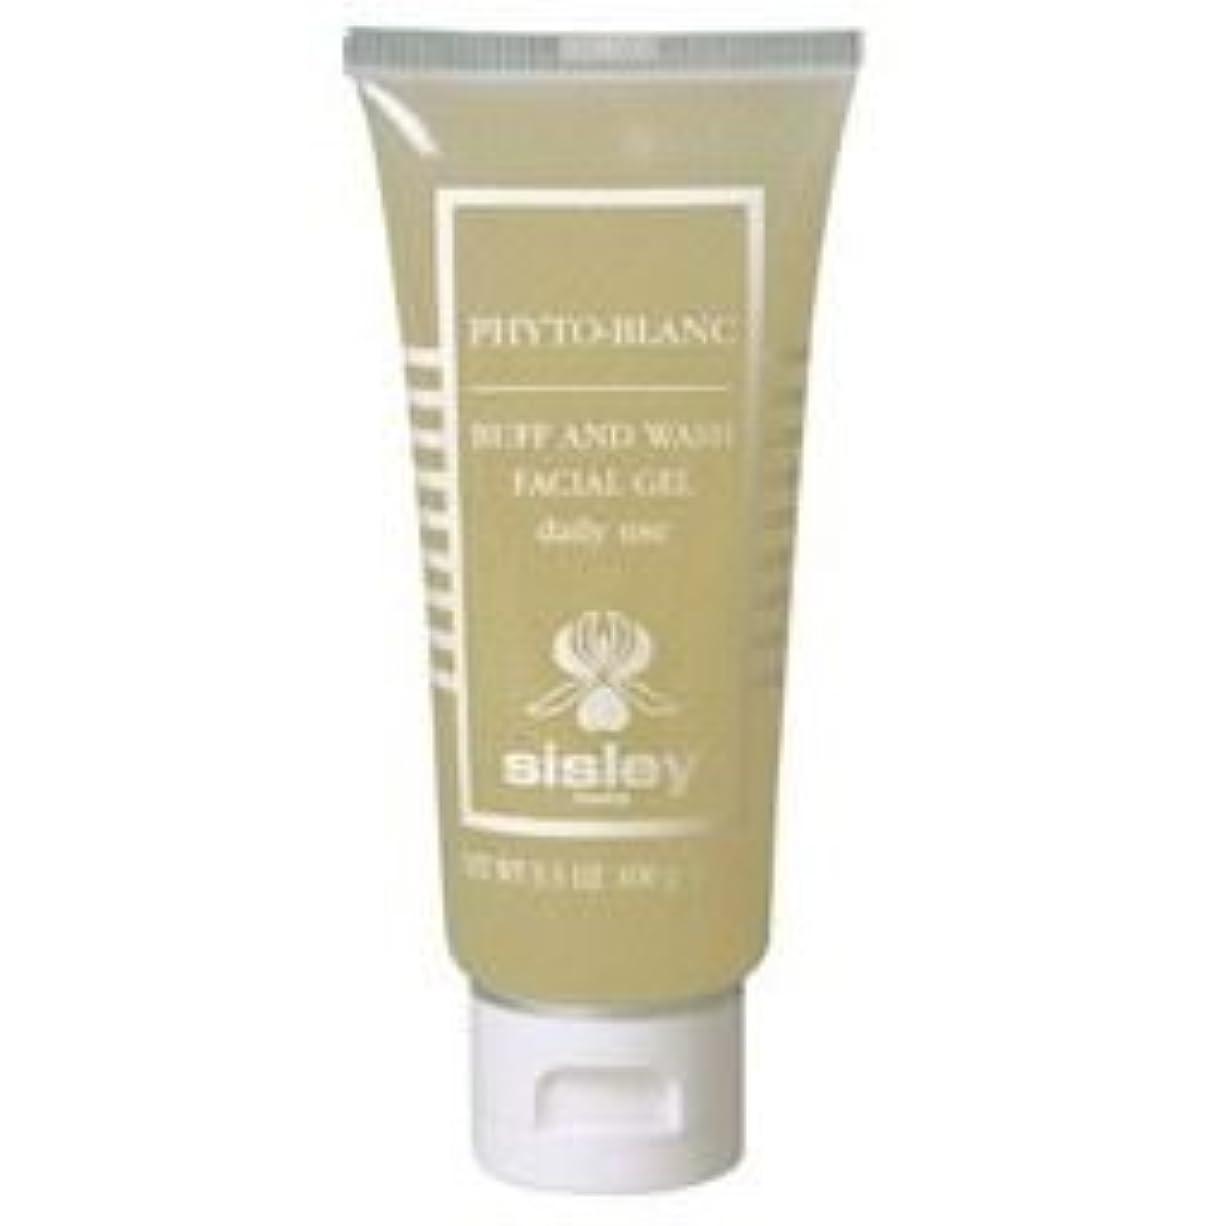 グリル円形の脚[Sisley] シスレーフィトブランバフ&ウォッシュ100ミリリットル - Sisley Phyto-Blanc Buff & Wash 100ml [並行輸入品]